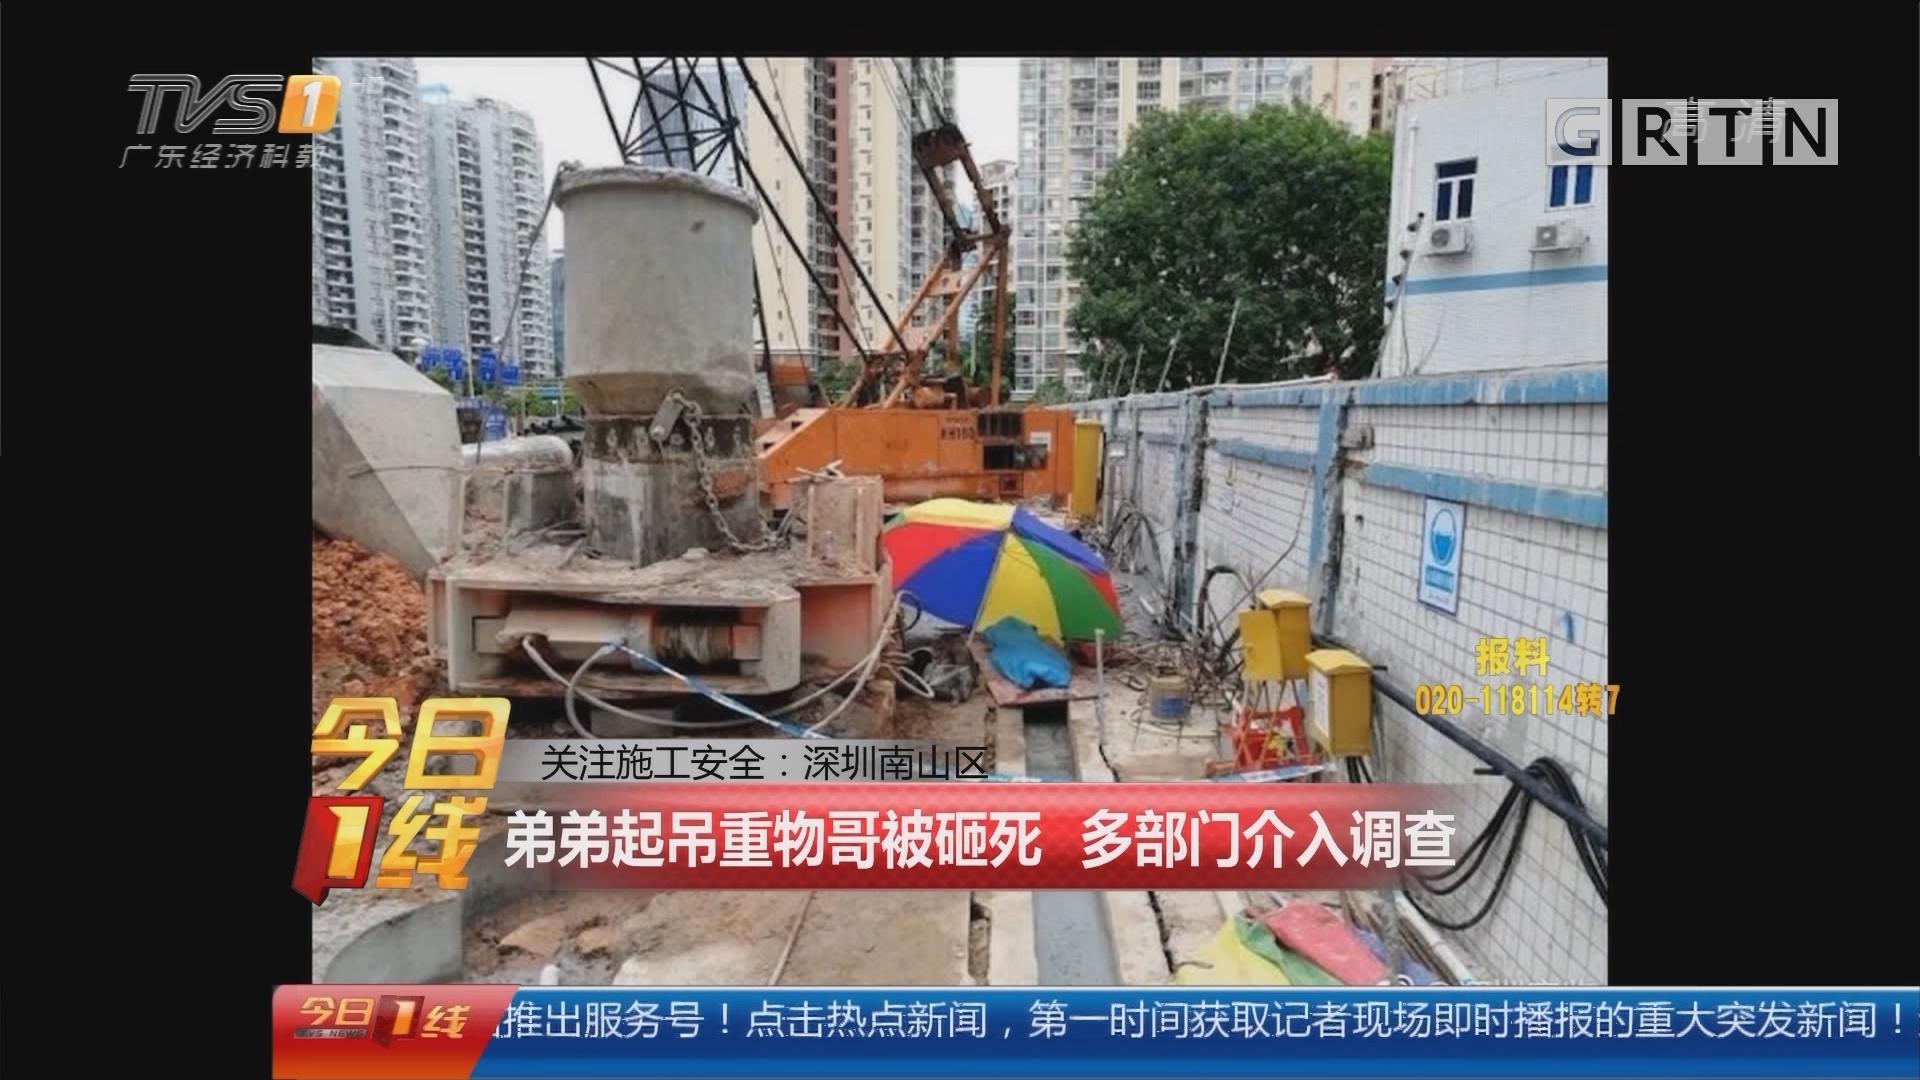 关注施工安全:深圳南山区 弟弟起吊重物哥被砸死 多部门介入调查